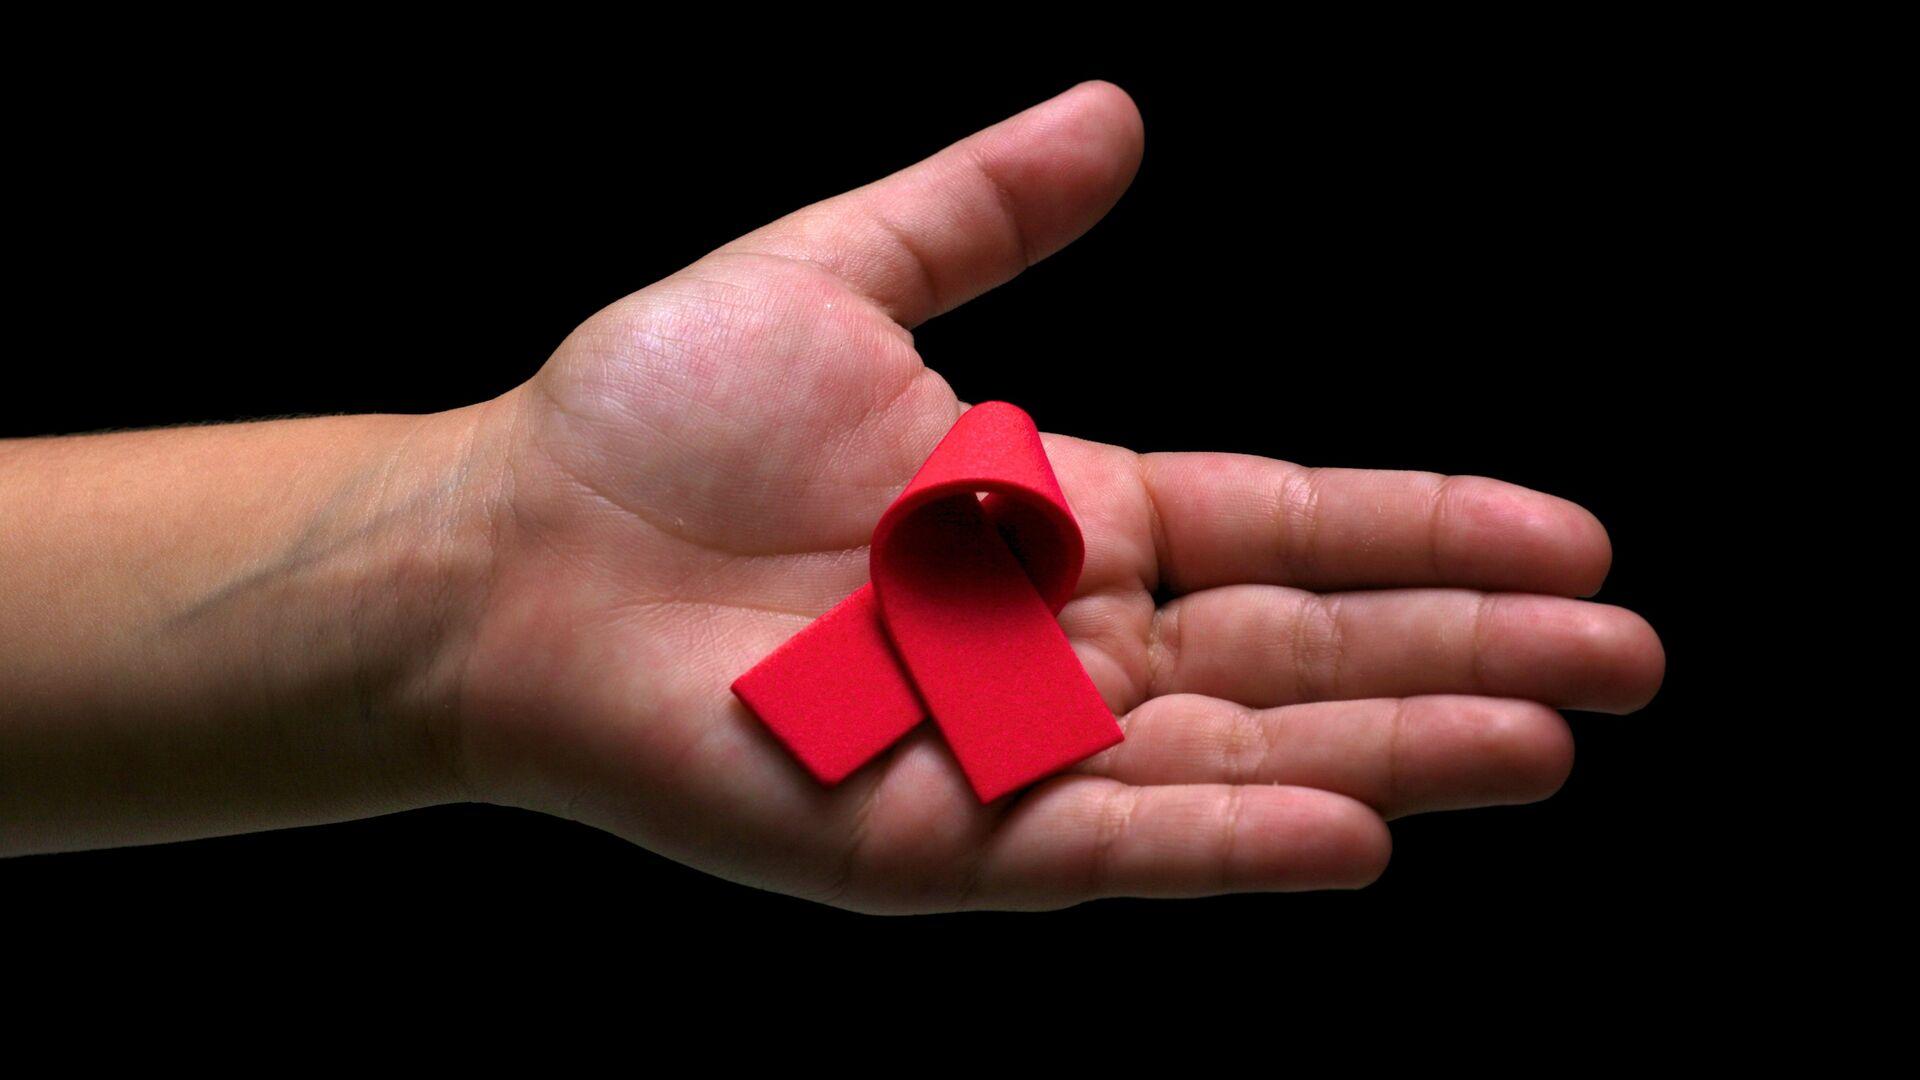 El lazo rojo, símbolo de la lucha contra el VIH y el SIDA  - Sputnik Mundo, 1920, 30.03.2021